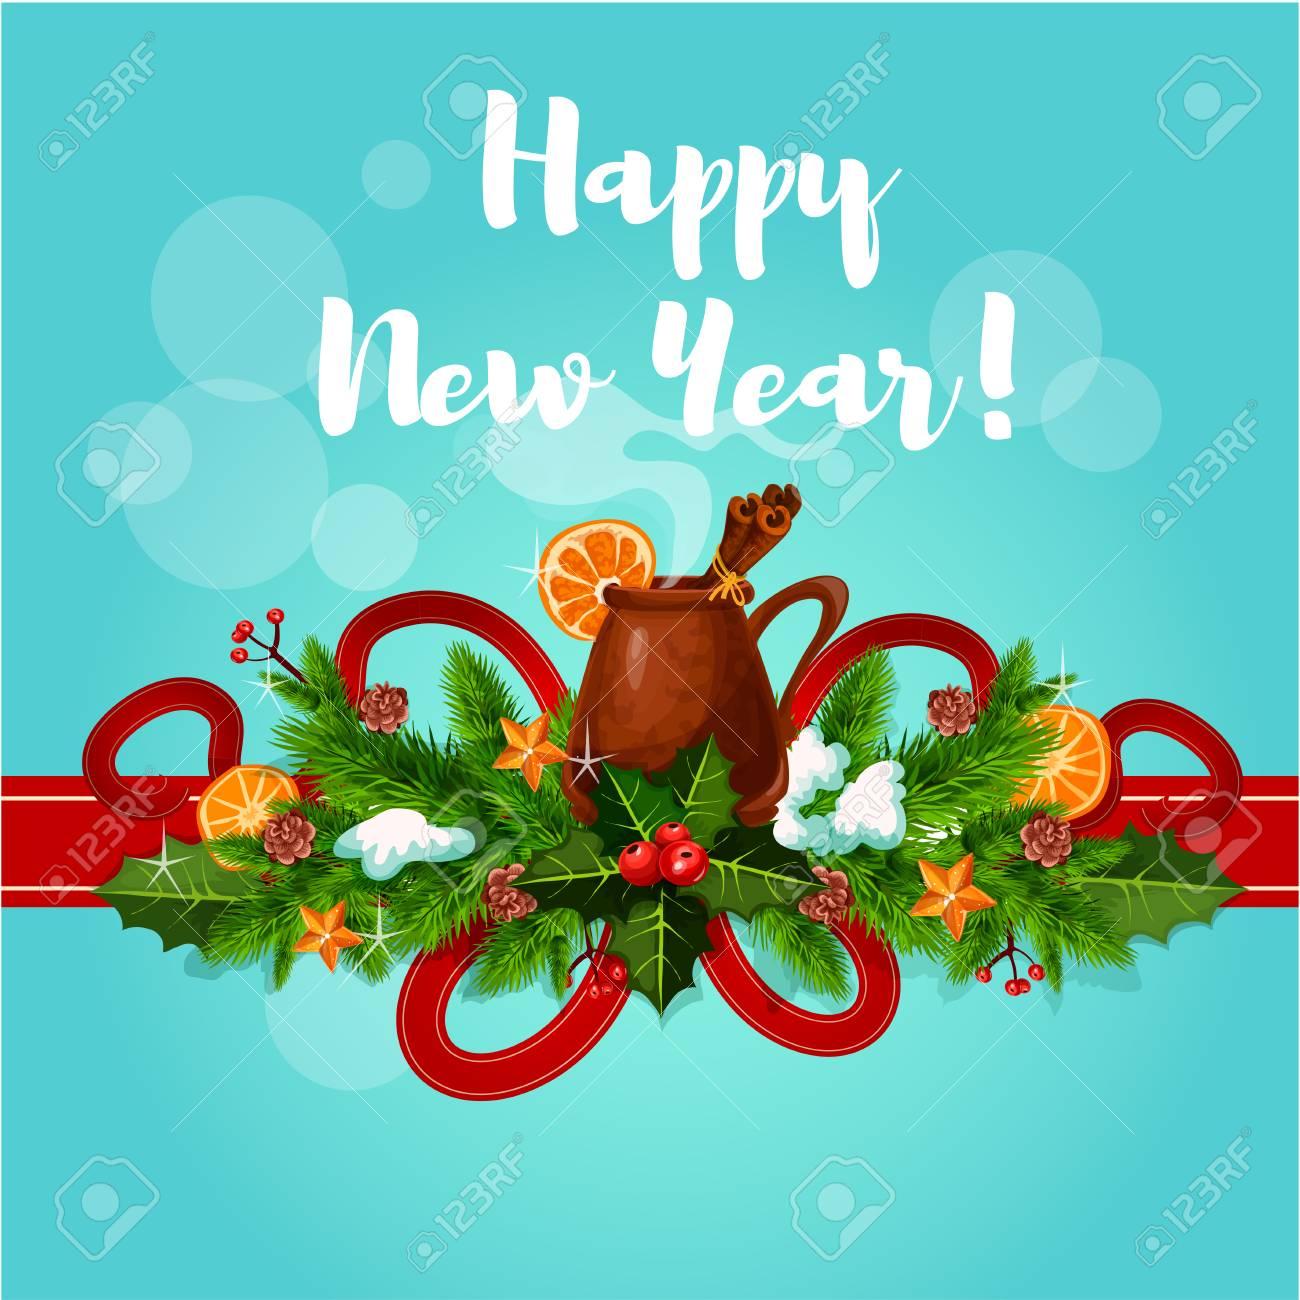 Glückliches Neues Jahr Gruß Besten Wünsche Vektor-Plakat. Glühwein ...